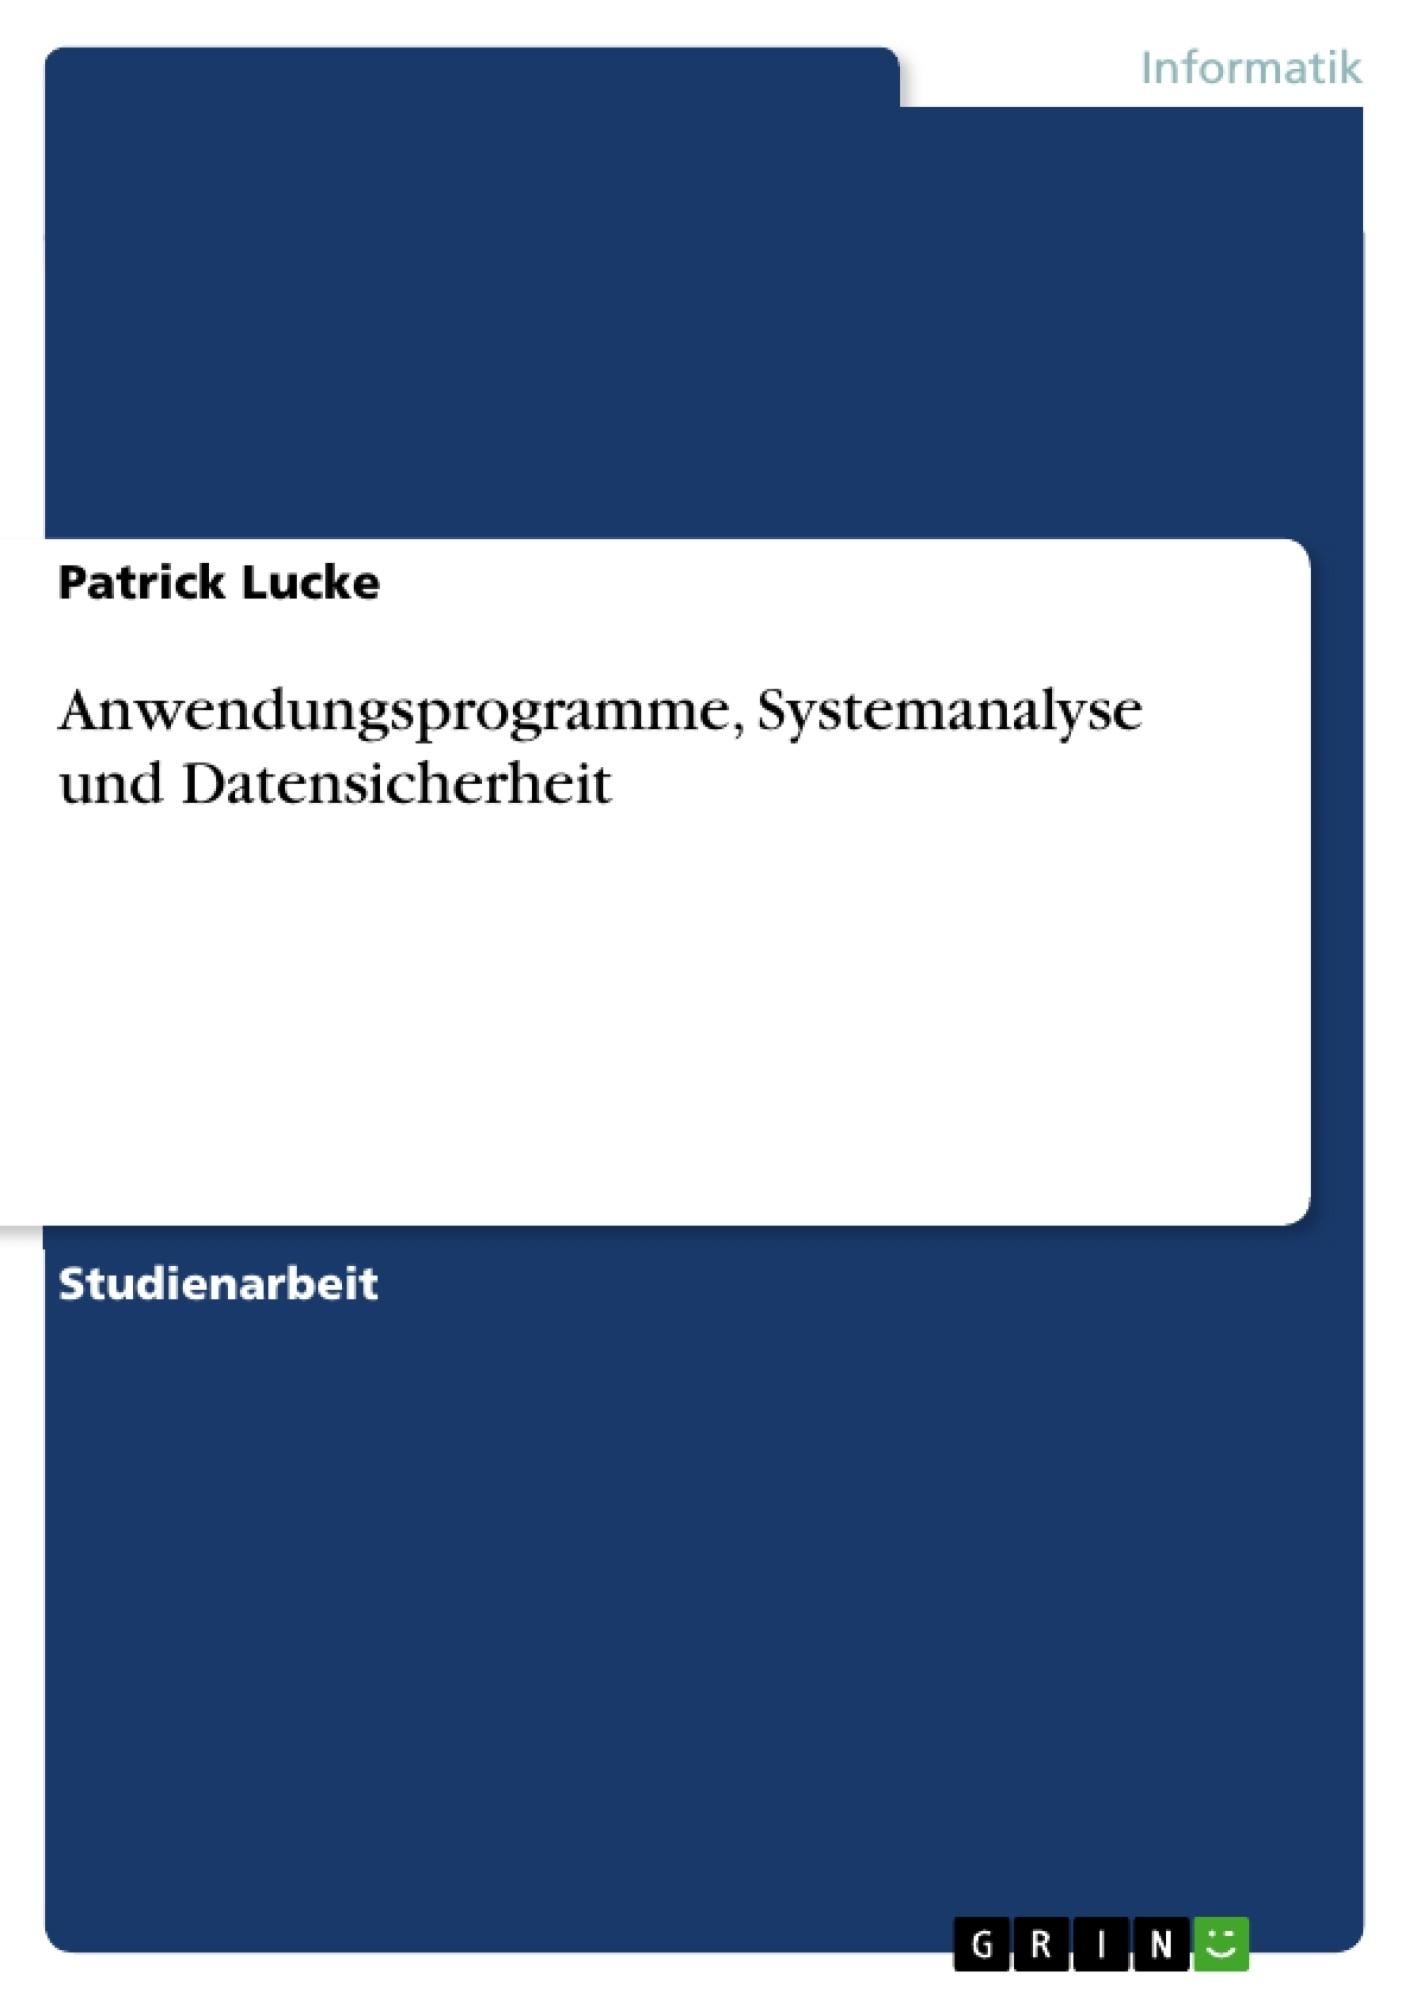 Titel: Anwendungsprogramme, Systemanalyse und Datensicherheit